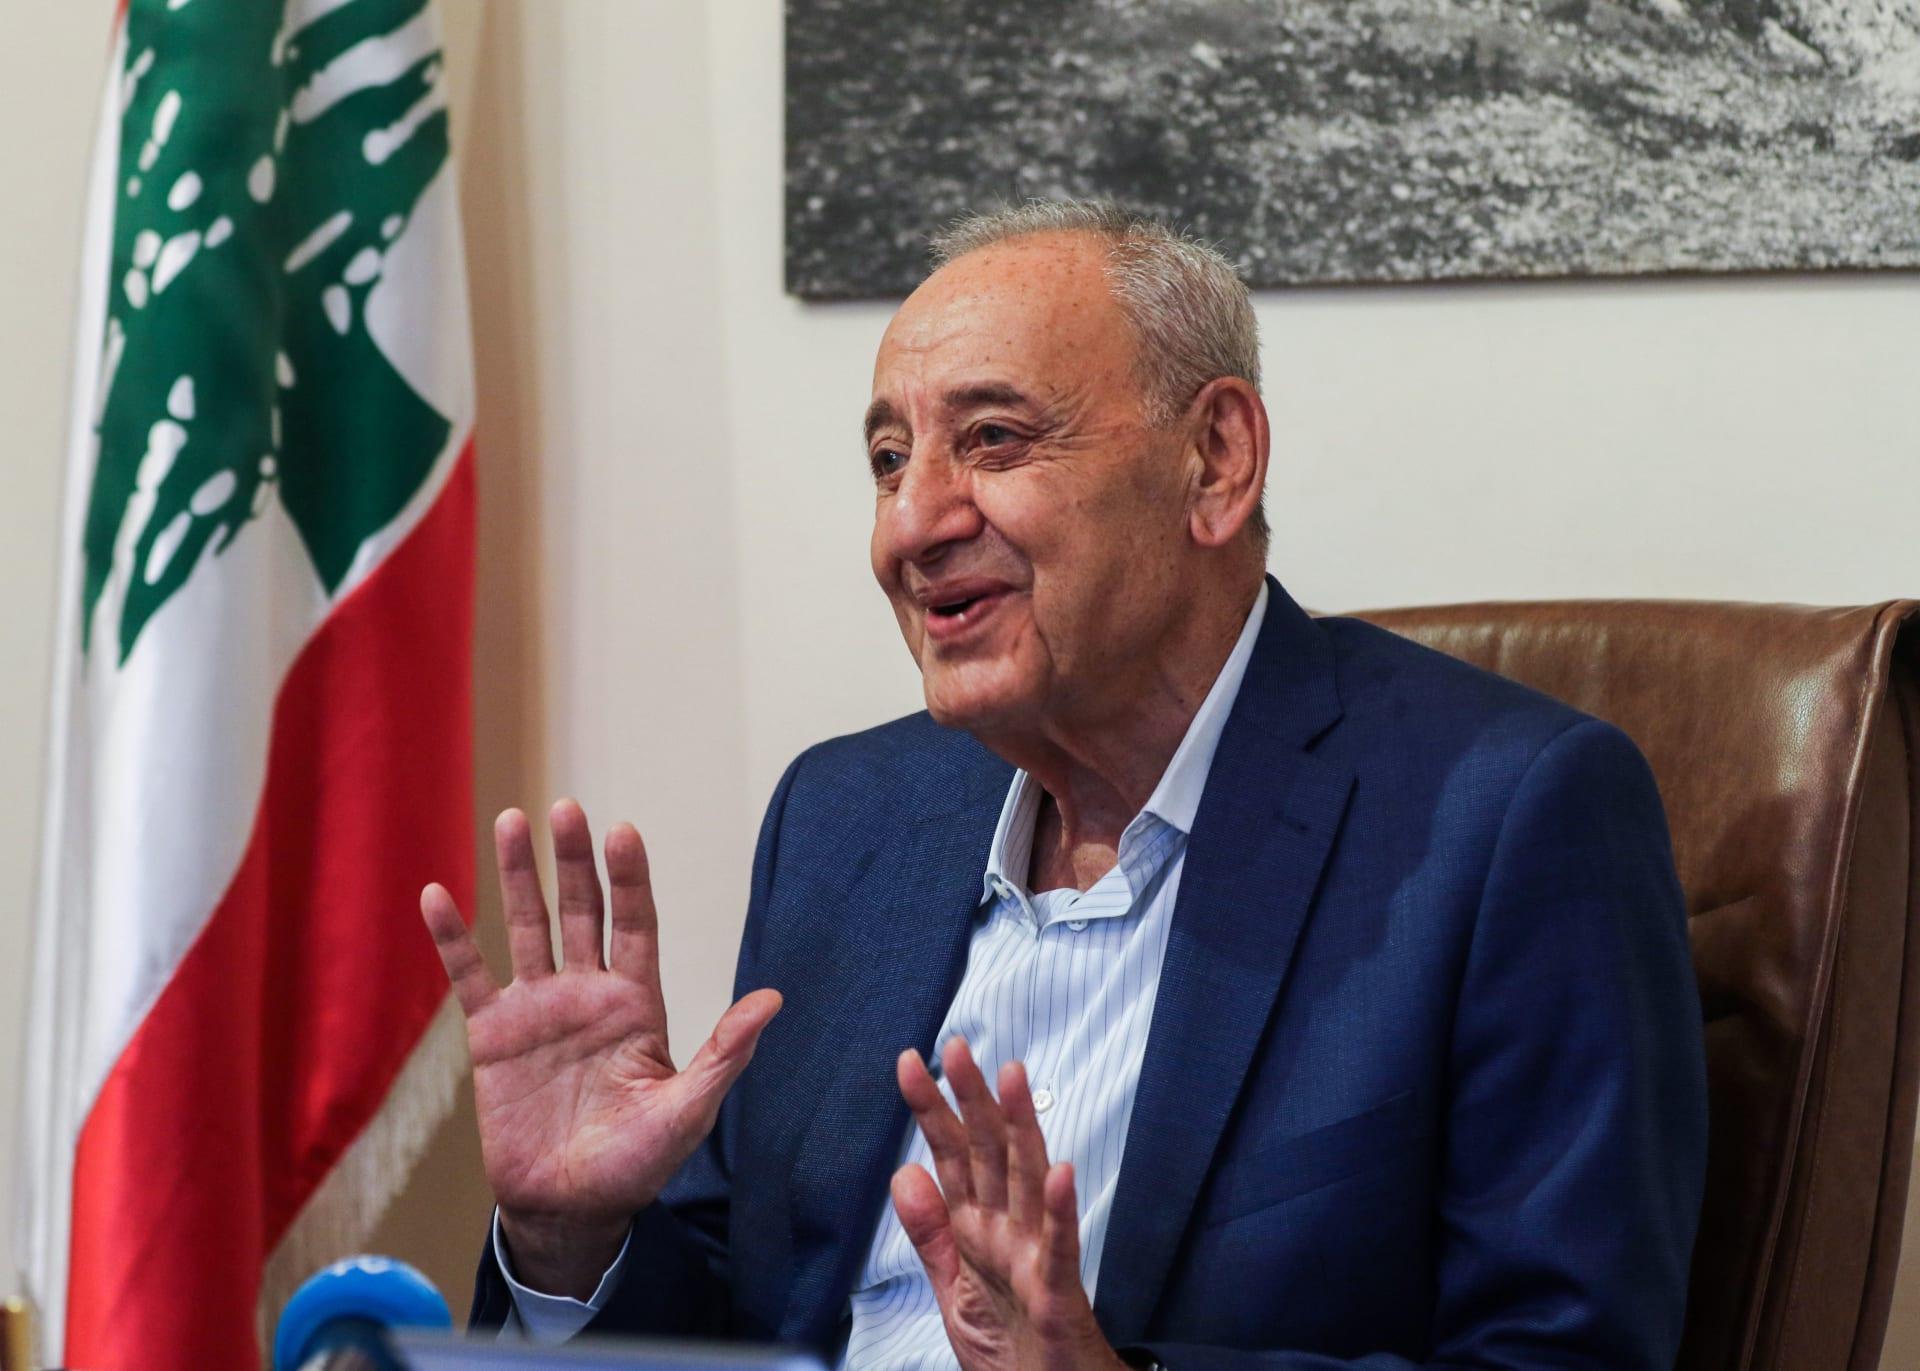 اتفاق إطاري بين لبنان وإسرائيل للتفاوض حول ترسيم الحدود البحرية